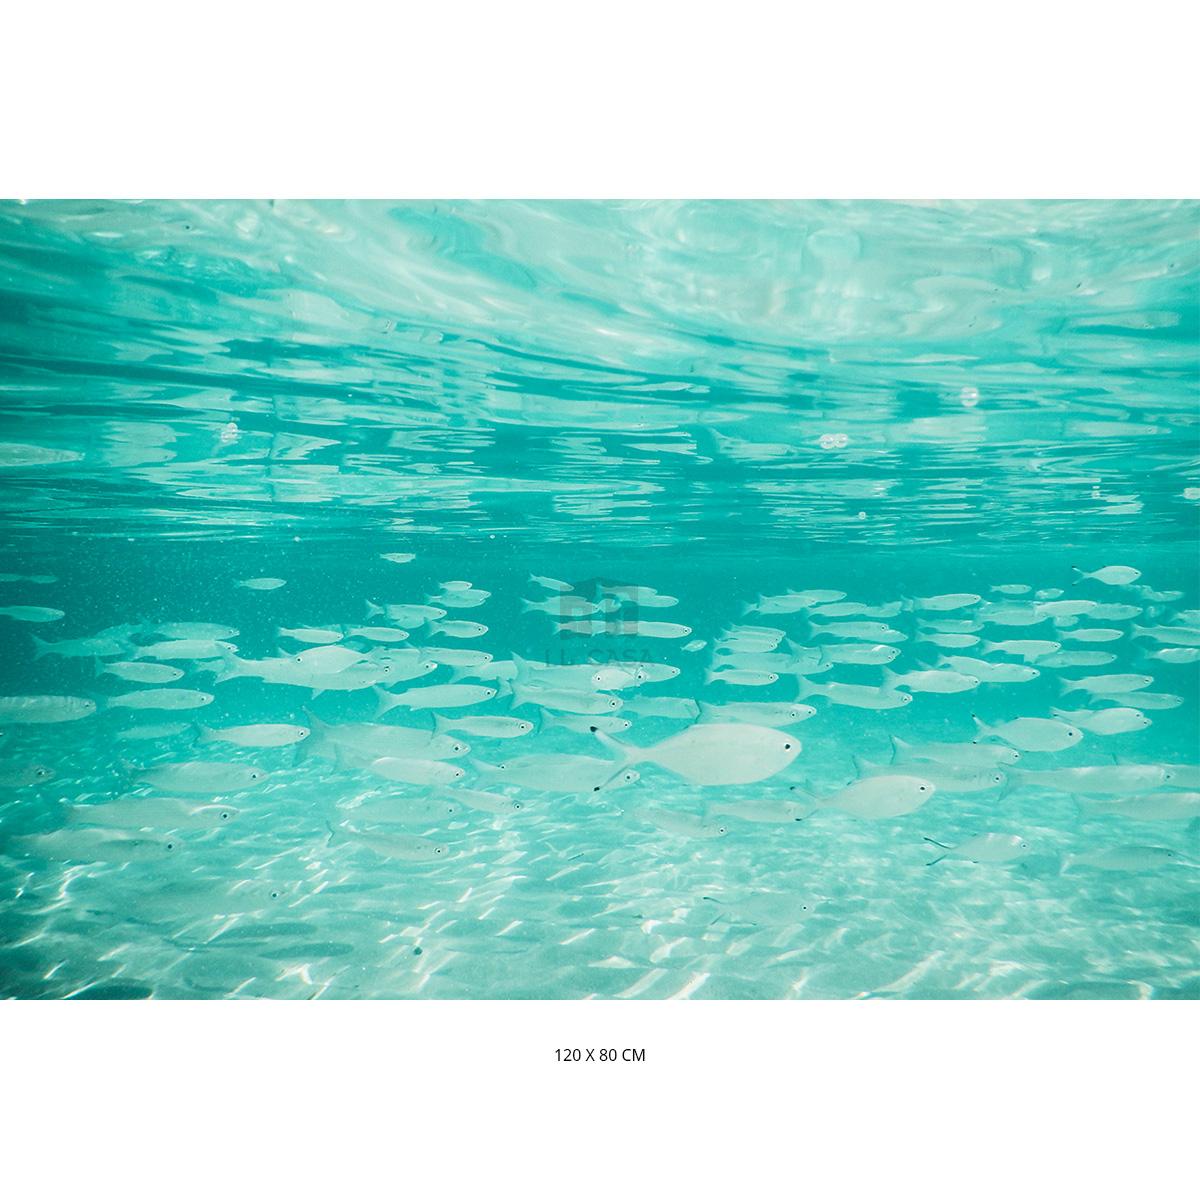 Acrylglas-Bild FISCHE